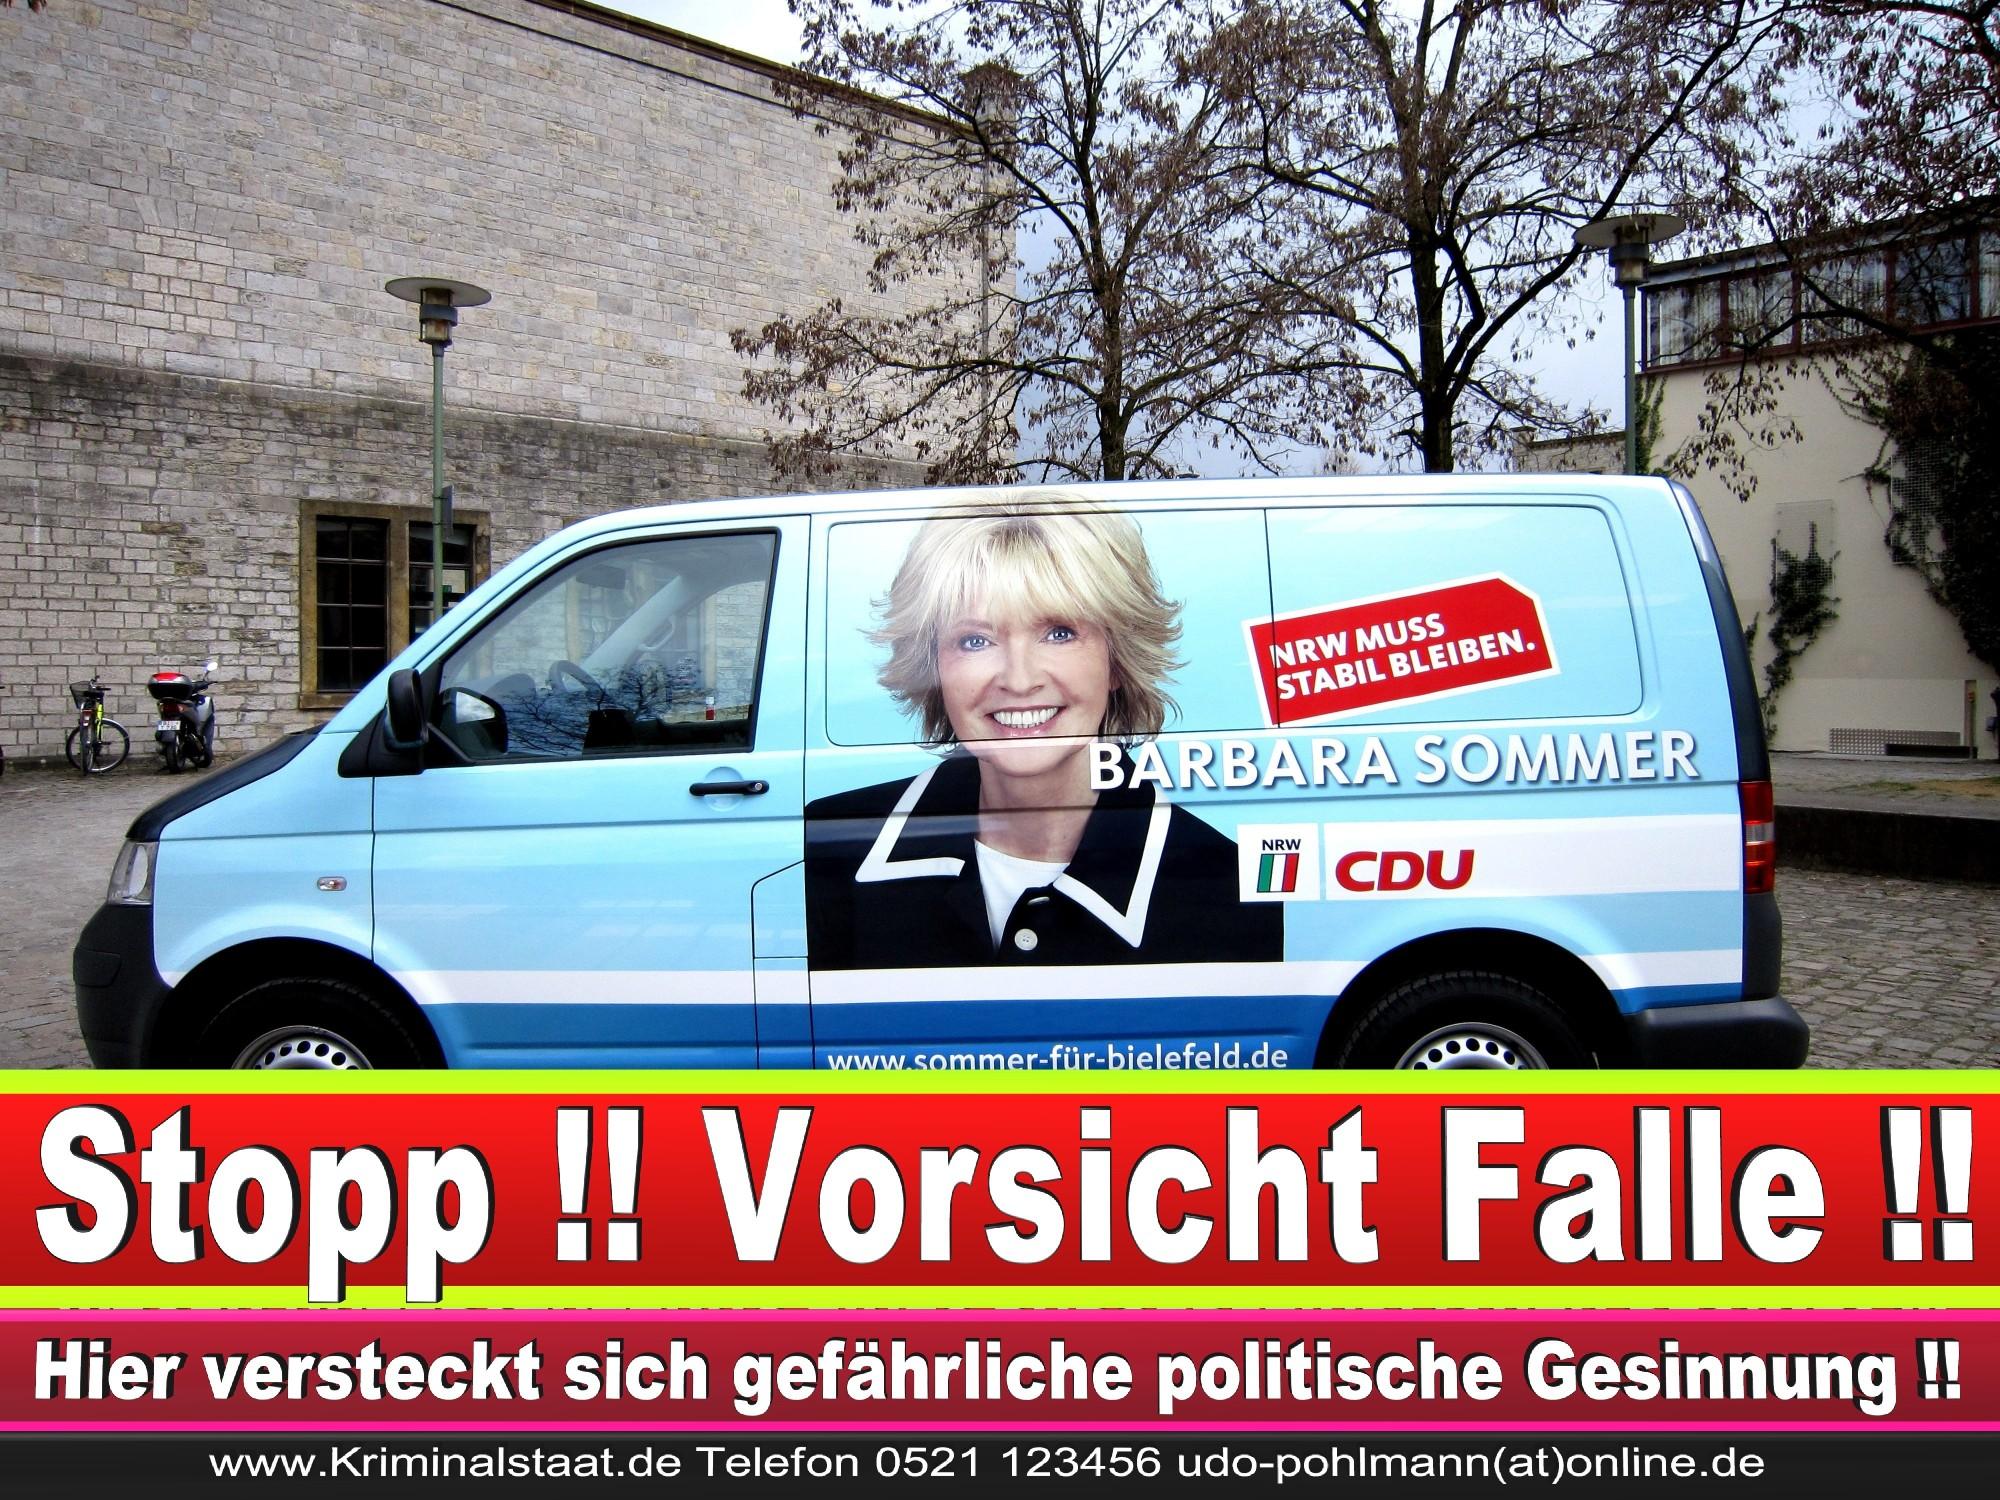 Wahlwerbung Wahlplakate Landtagswahl 2019 Europawahl CDU SPD FDP 2021 (17)